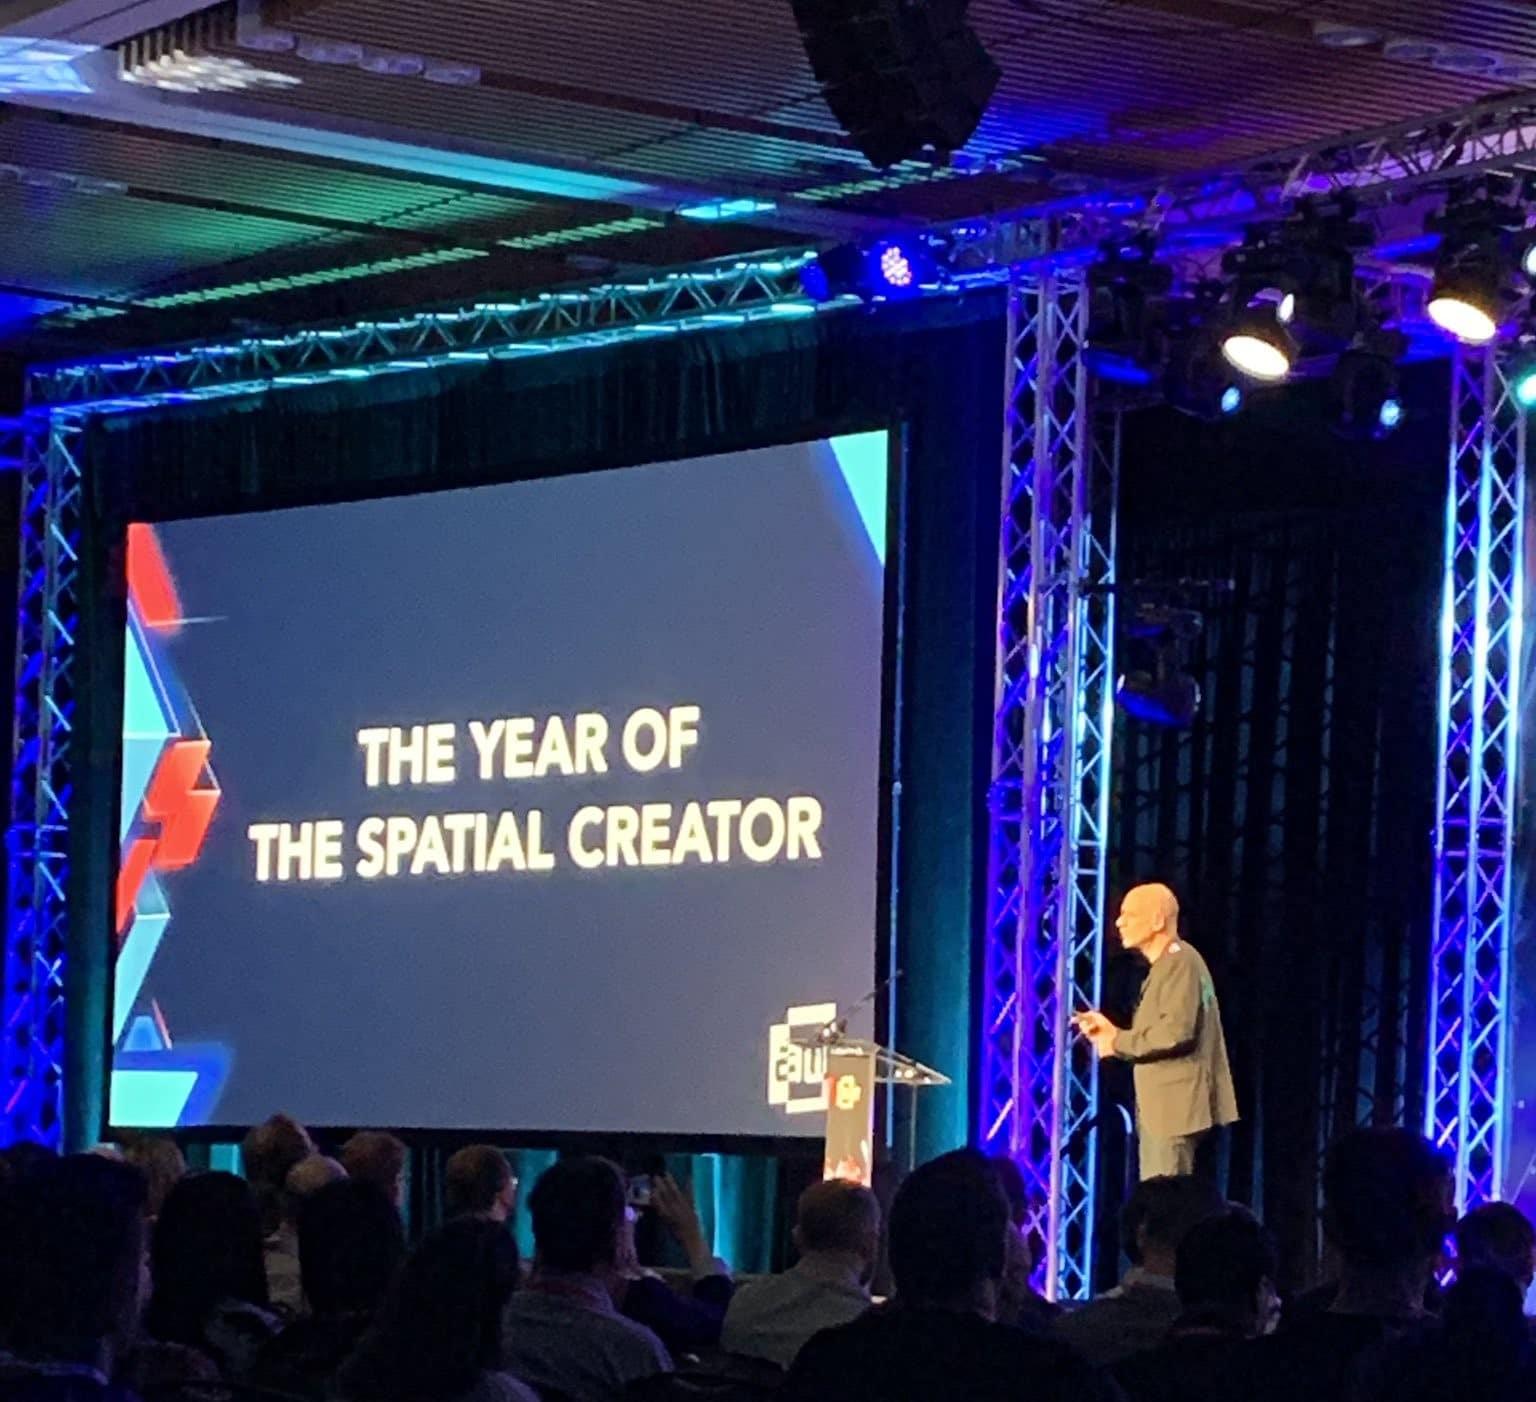 el año del spatial creator awe 2019